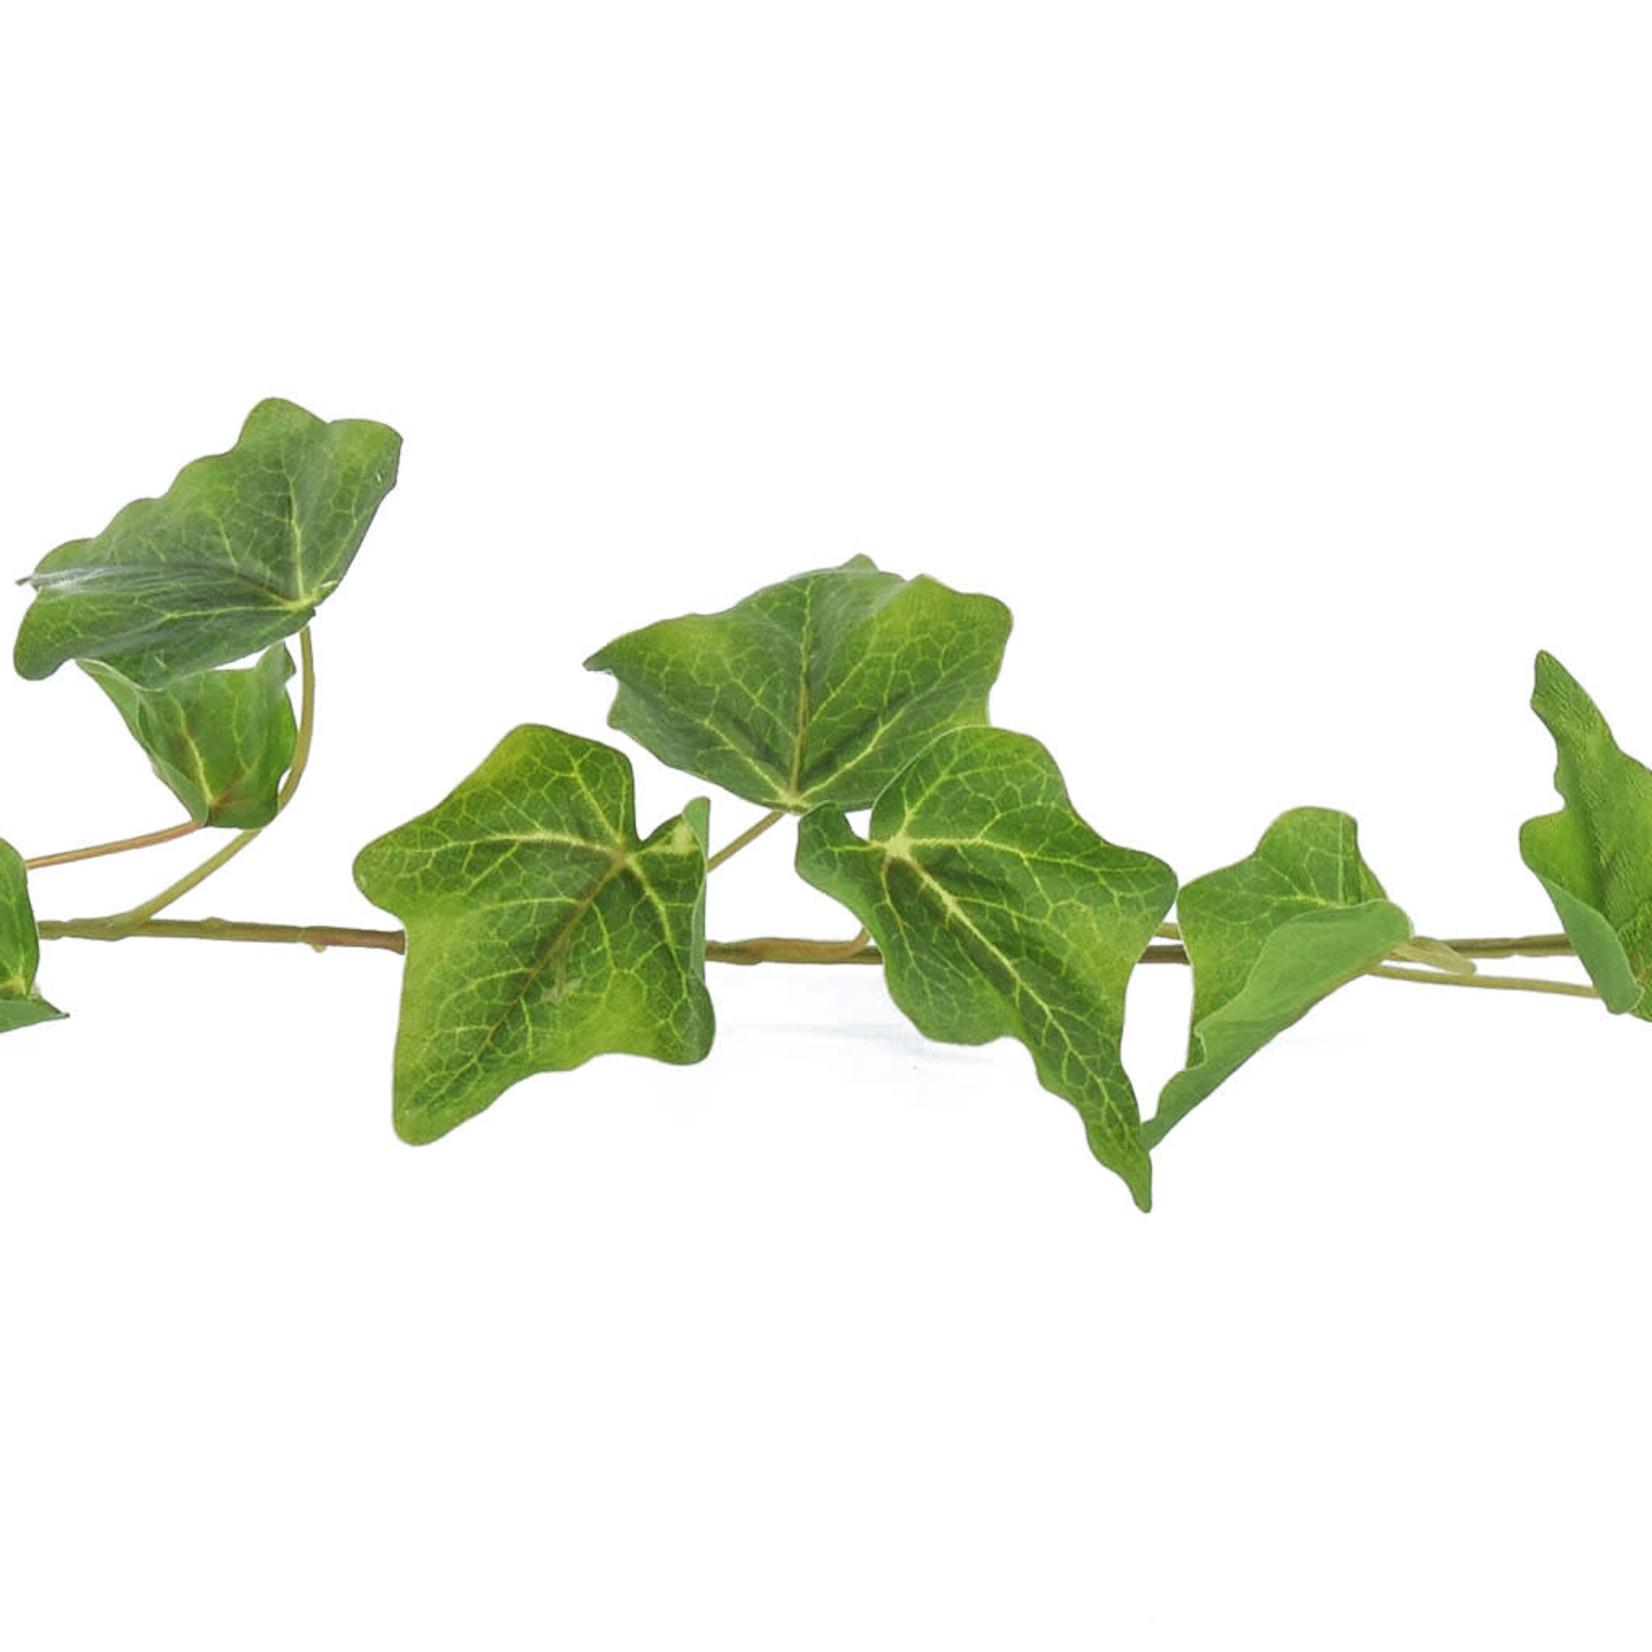 I & T English Ivy Garland Grn 180cm